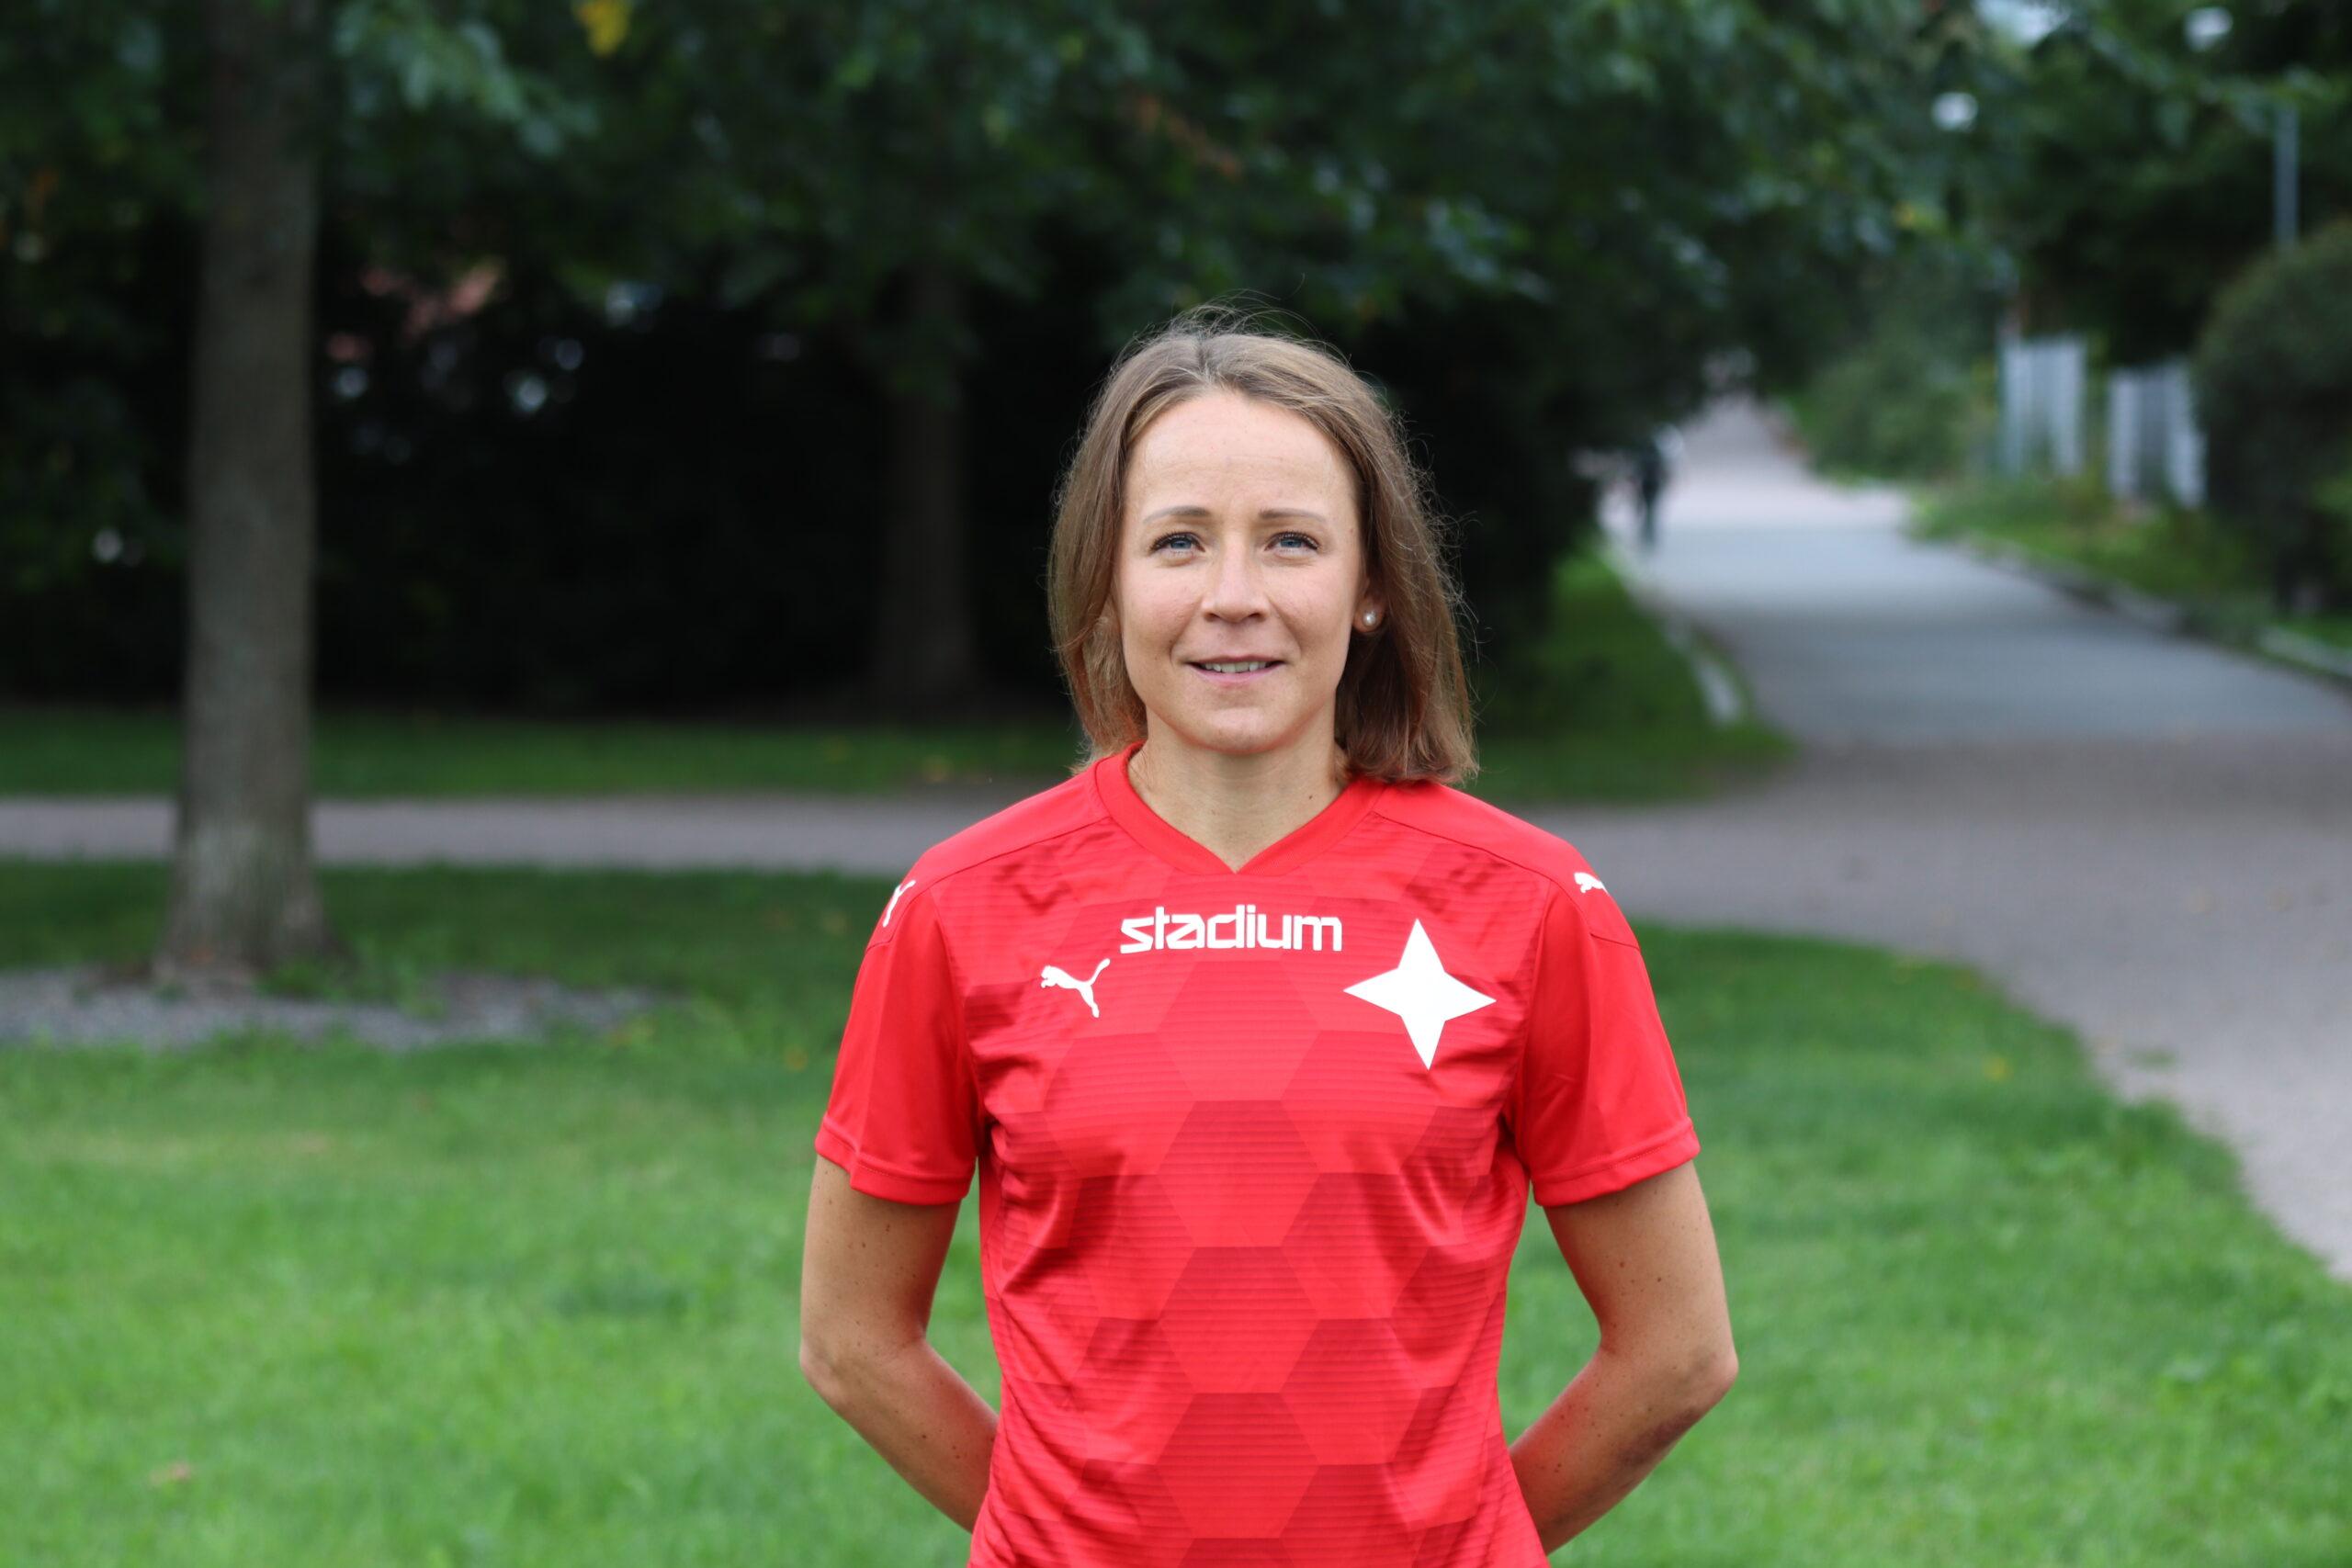 HIFK:lle huippuvahvistus – Daniela Tjeder siirtyy punaisiin